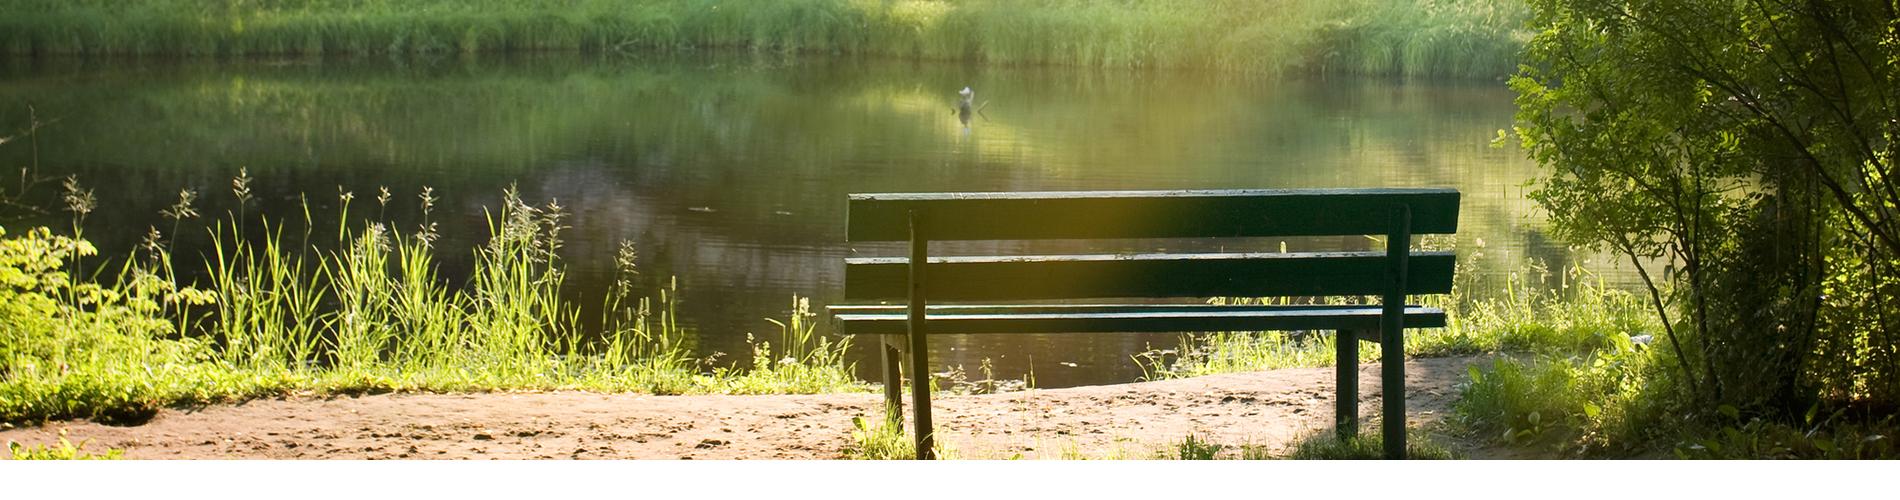 Na de eerste dagen na het overlijden van een dierbare komt er ruimte voor andere zaken en verdriet. Heeft u hulp nodig? Ria Willeboer biedt u graag nazorg.